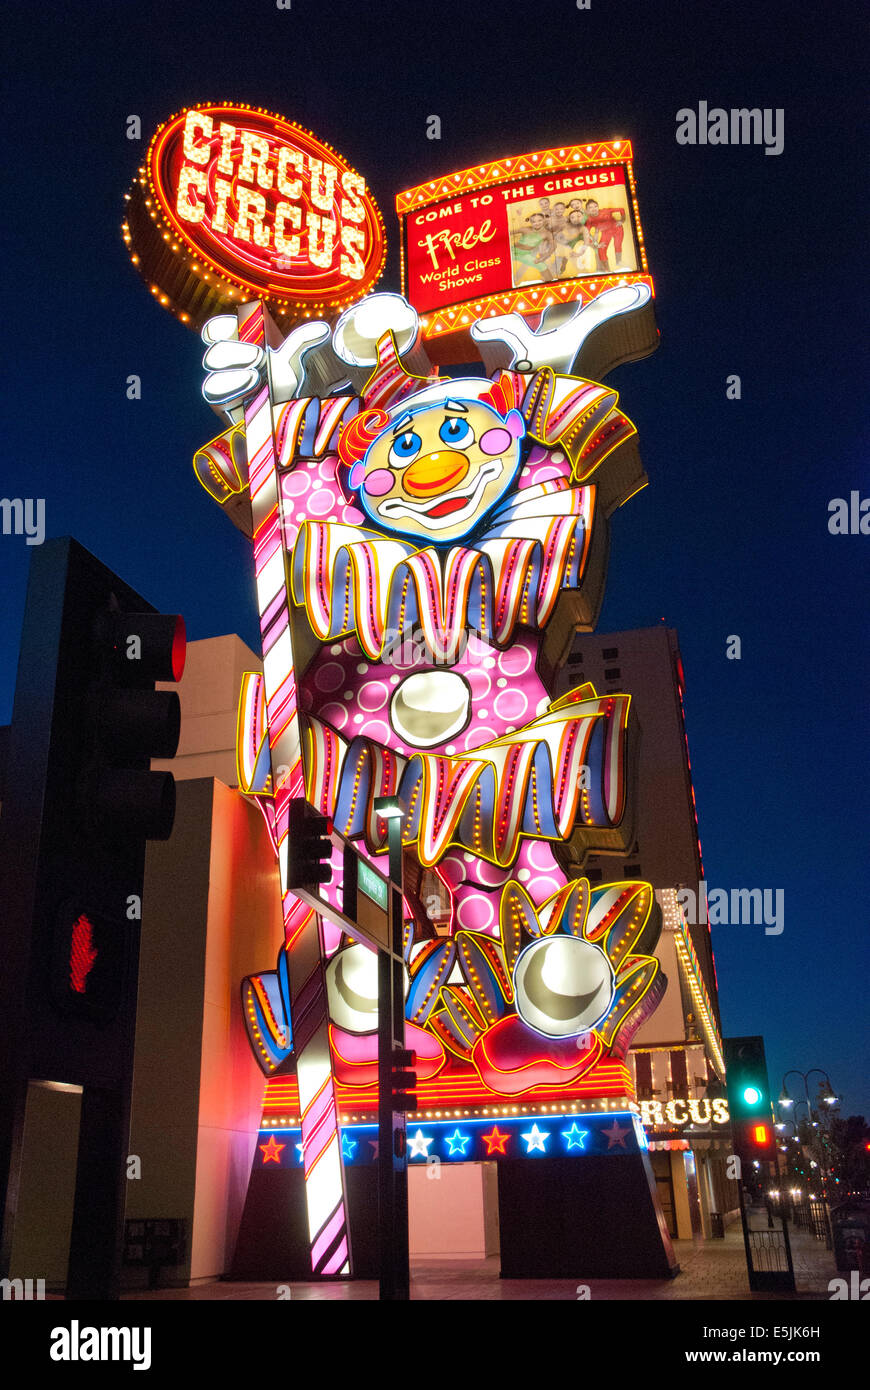 Circus Circus sign at night, Reno, Nevada USA - Stock Image